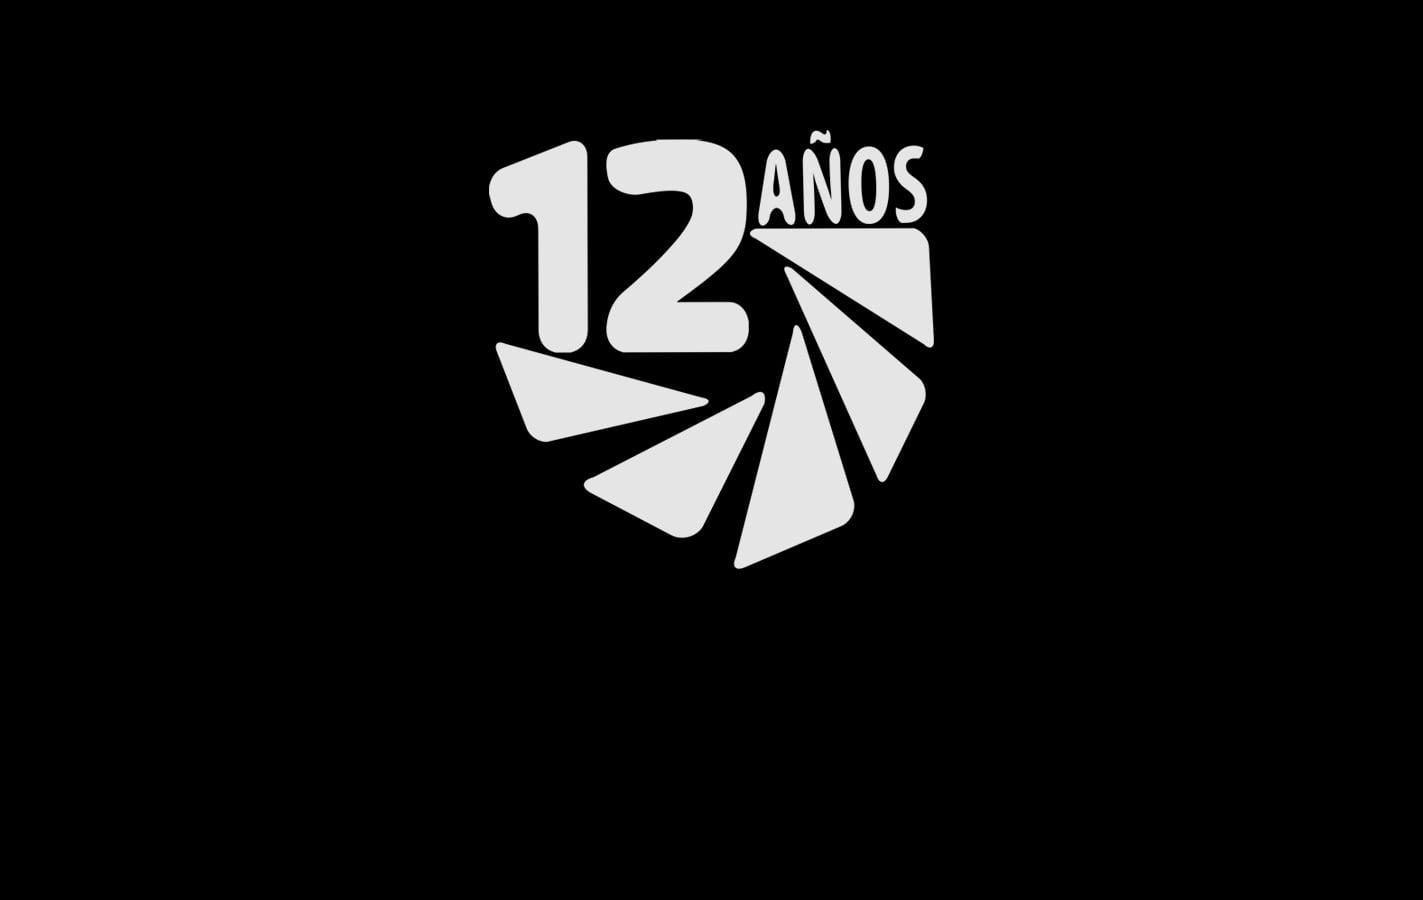 tatuytv 12 años aniversario